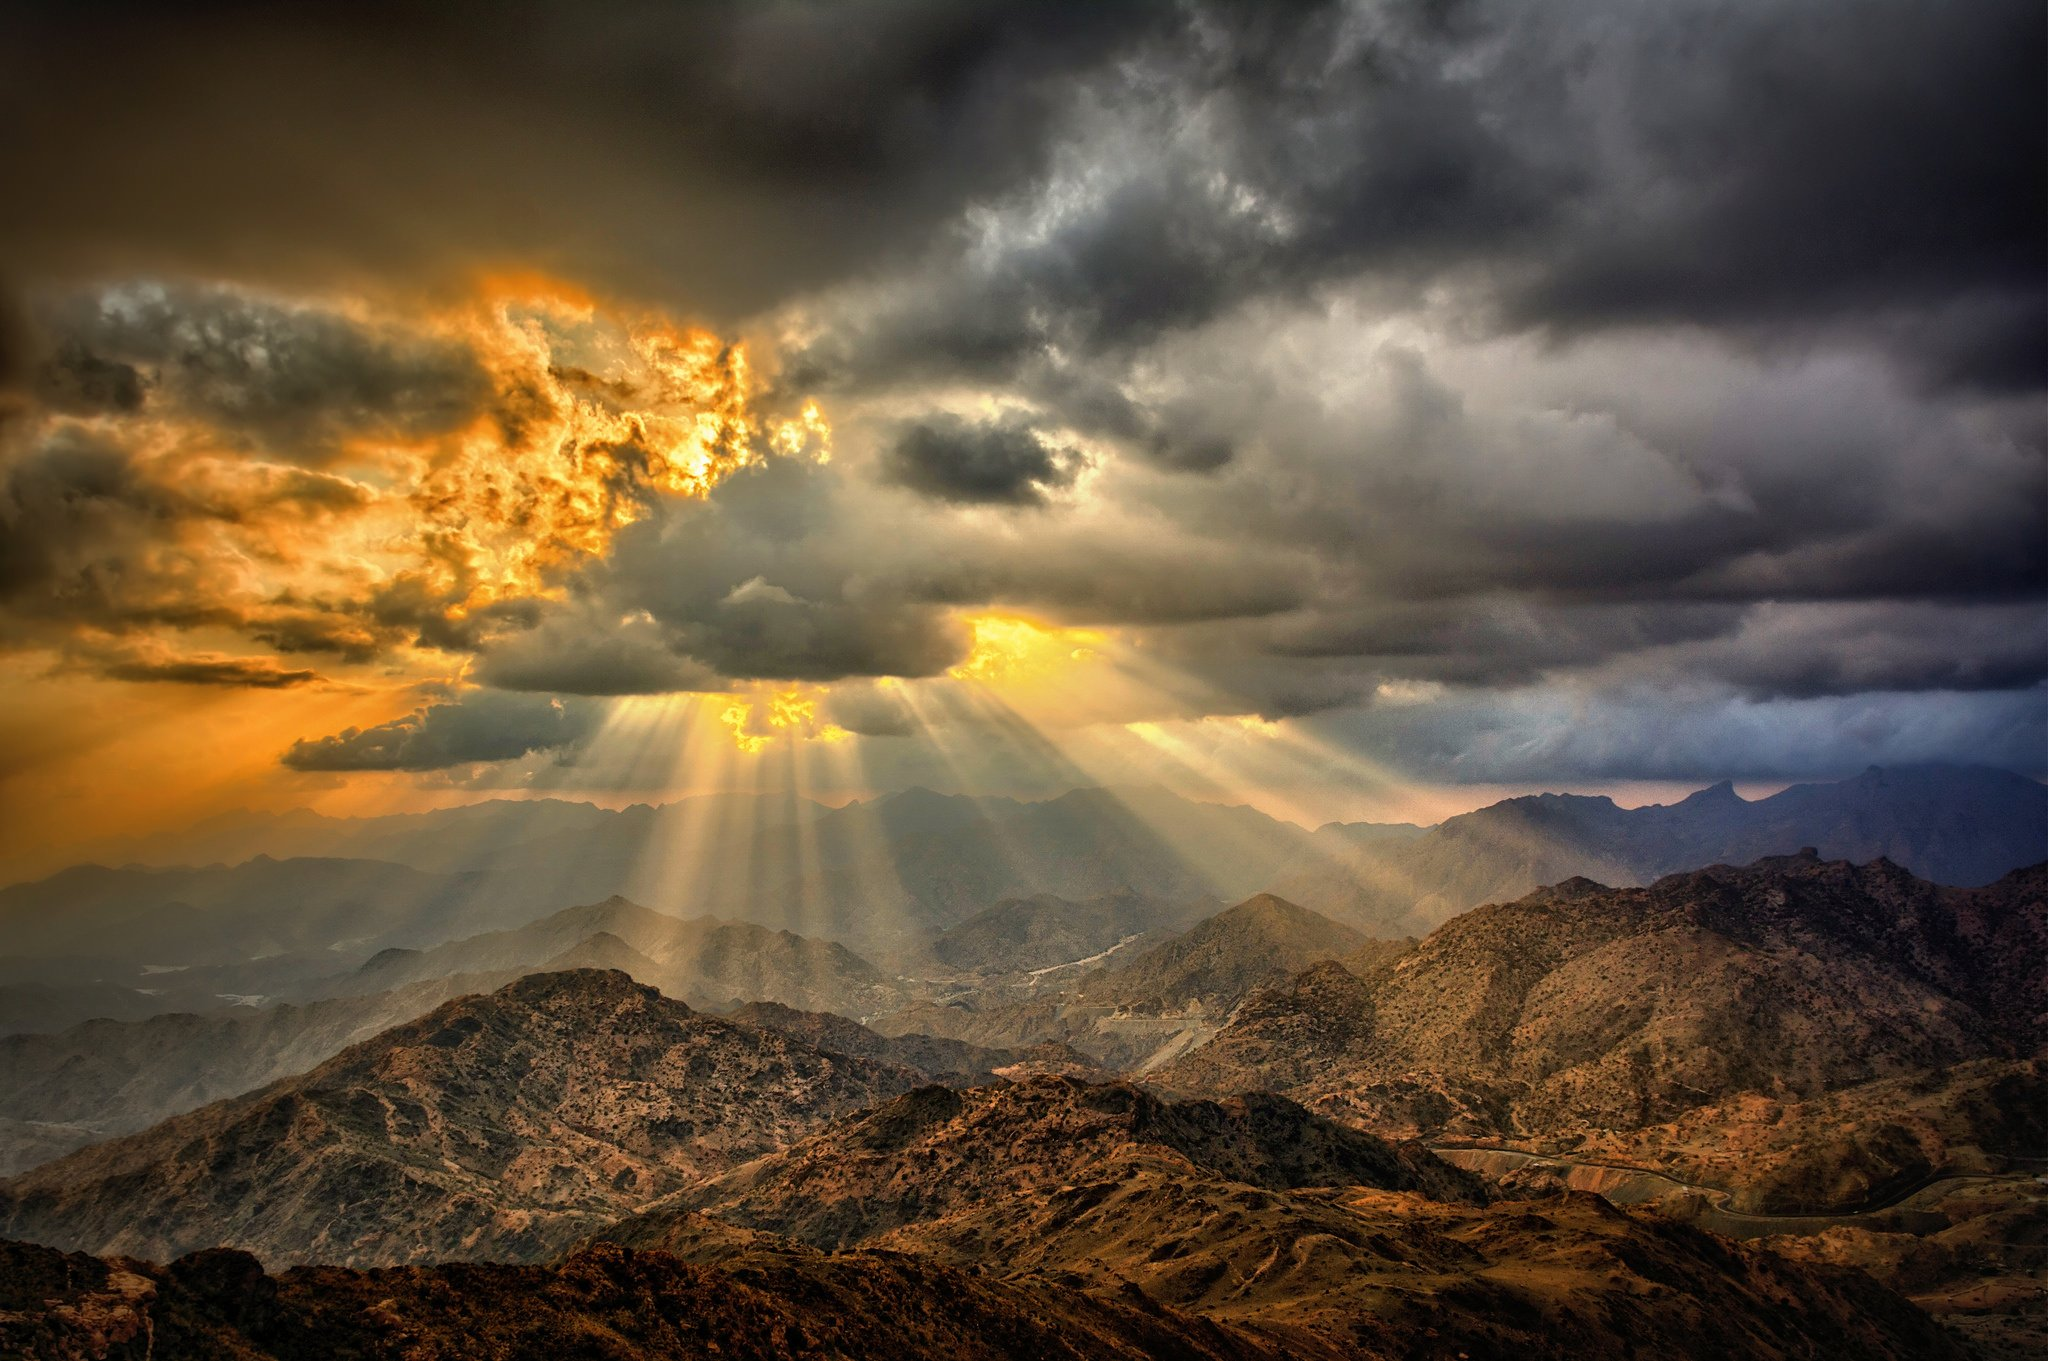 Mountains Desert Clouds Sun Fire Wallpaper